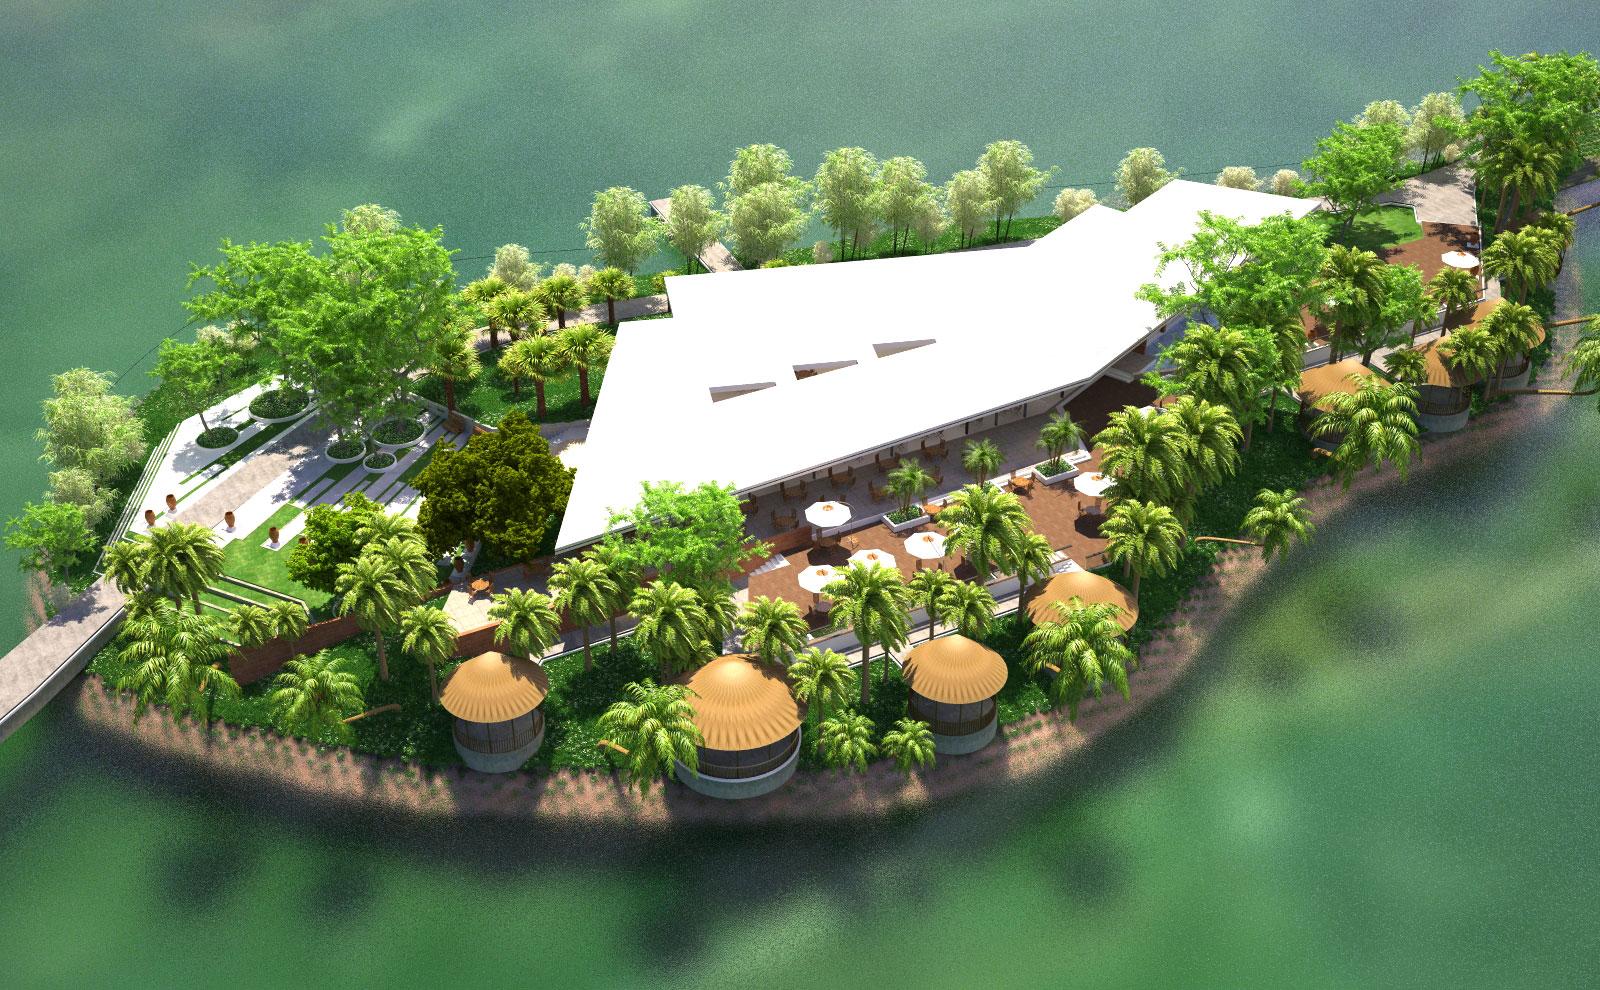 Quản lý xây dựng công trình phục vụ du lịch sinh thái, nghỉ dưỡng, giải trí trong rừng đặc dụng được quy định như thế nào?